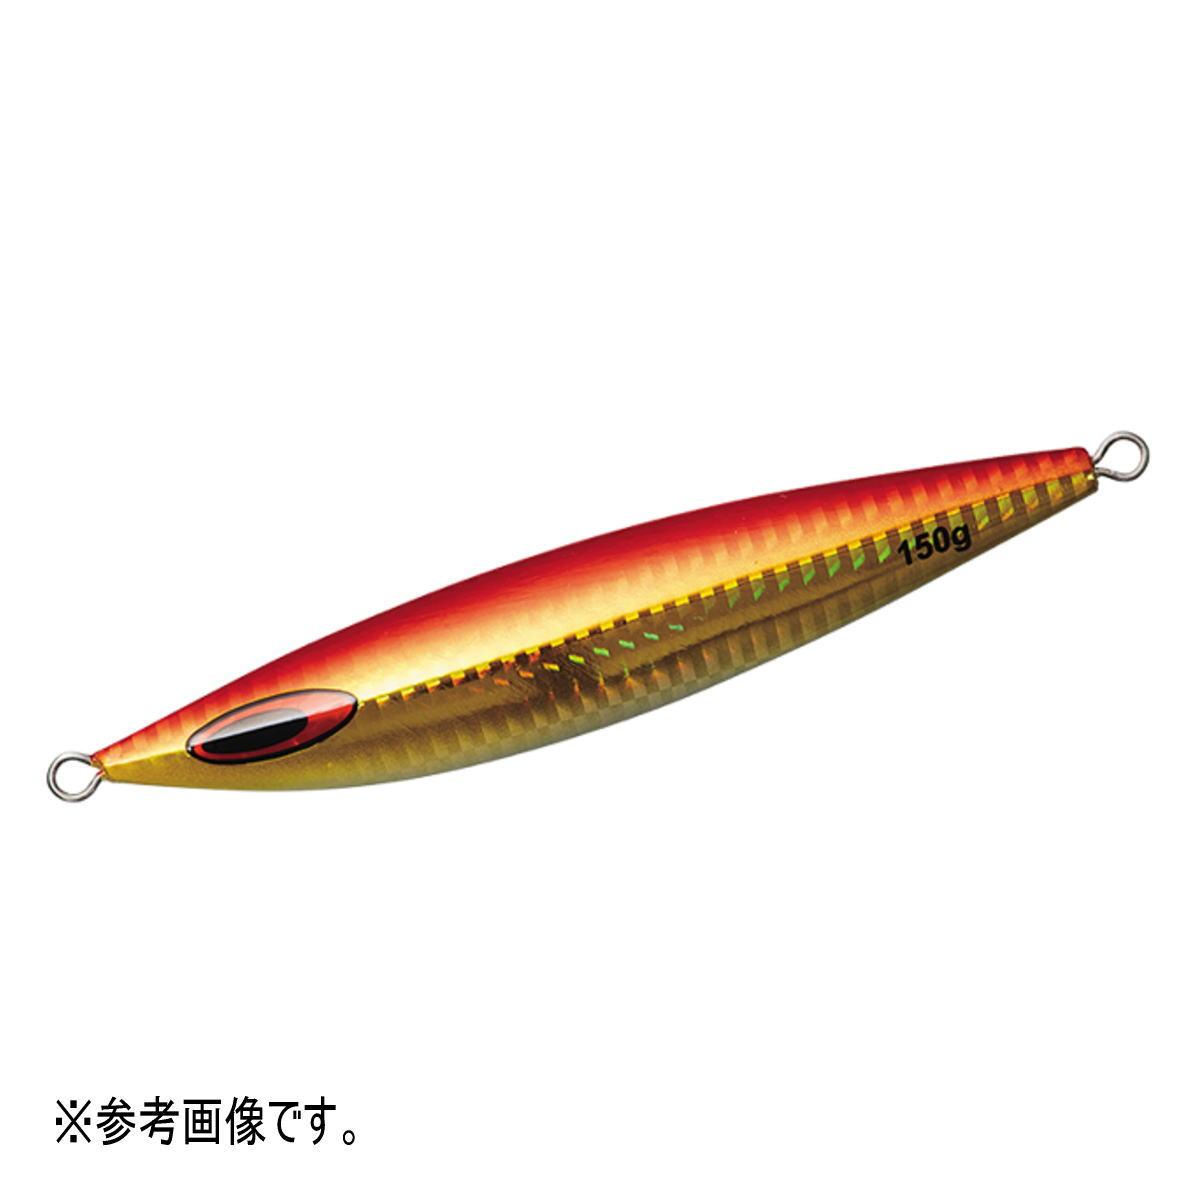 ダイワ ソルティガ FKジグ 150g PH赤金グローベリー 【メール便 / 代引不可】